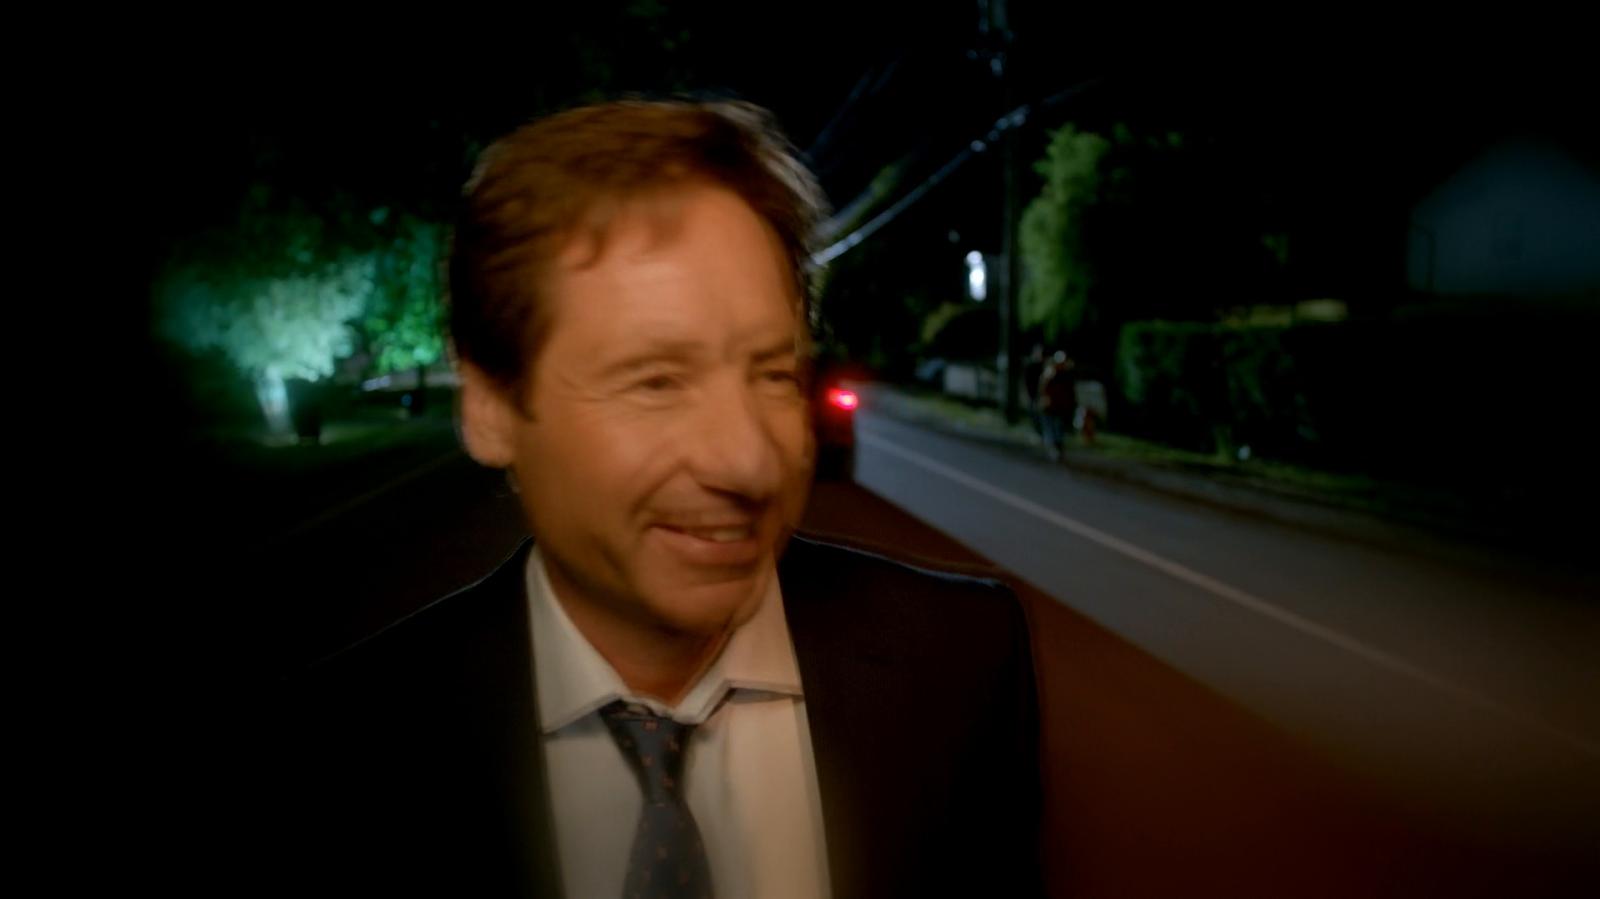 The X Files S10E05 | HDTV 720p x265 | Inglés